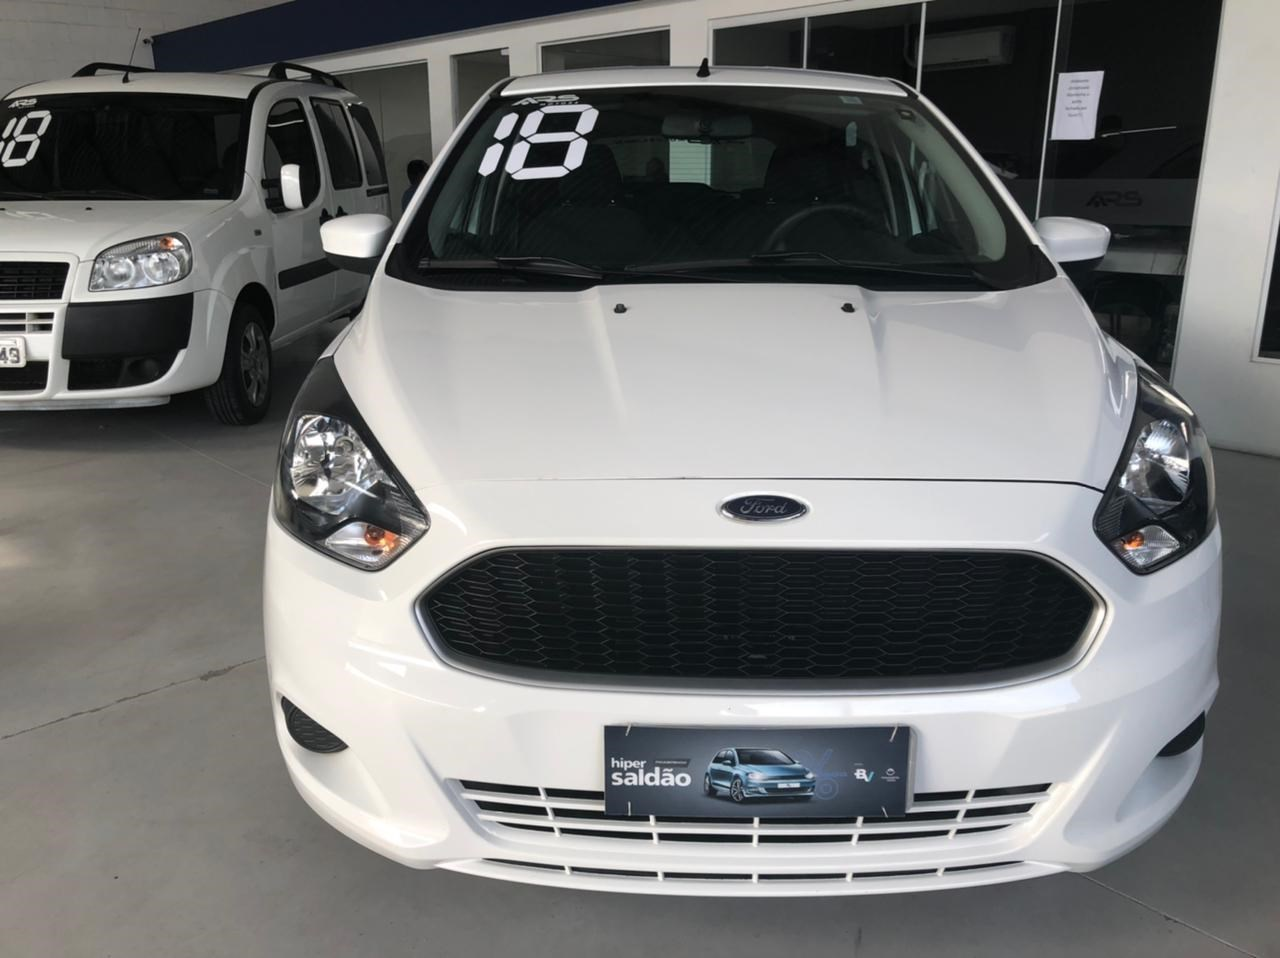 //www.autoline.com.br/carro/ford/ka-10-s-12v-flex-4p-manual/2018/rio-de-janeiro-rj/14111277